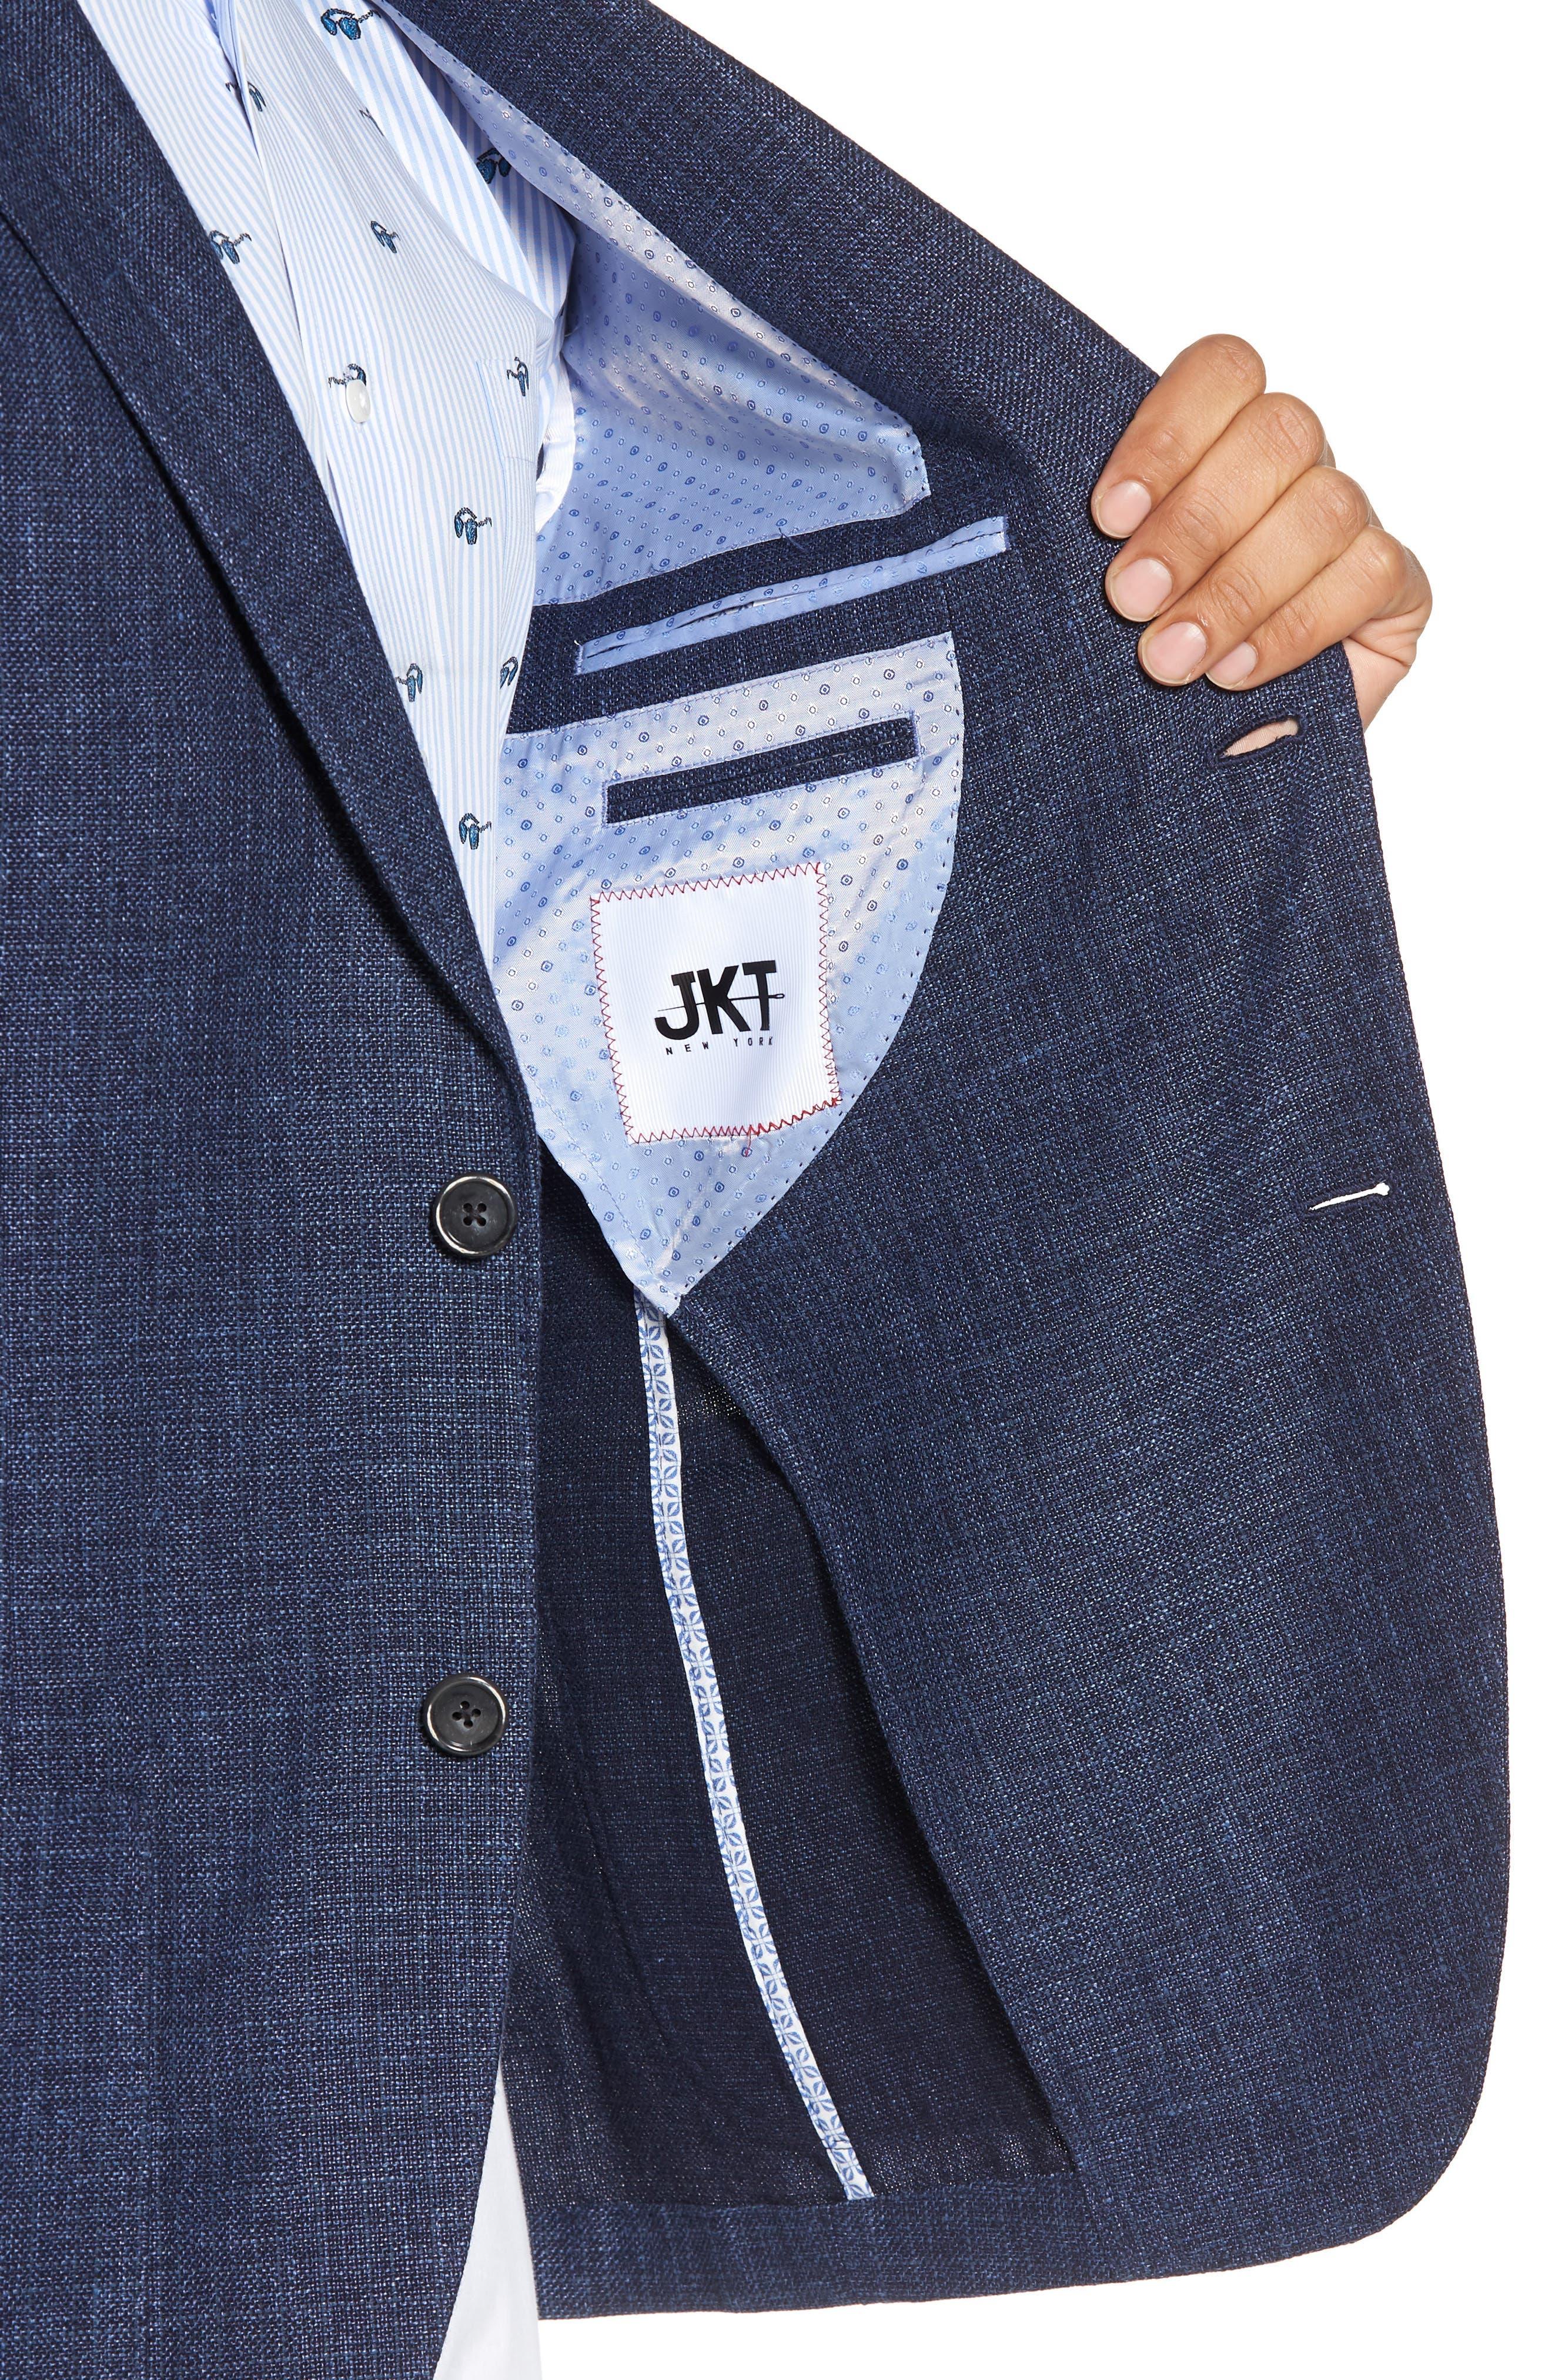 Trent Trim Fit Wool & Linen Blazer,                             Alternate thumbnail 4, color,                             410